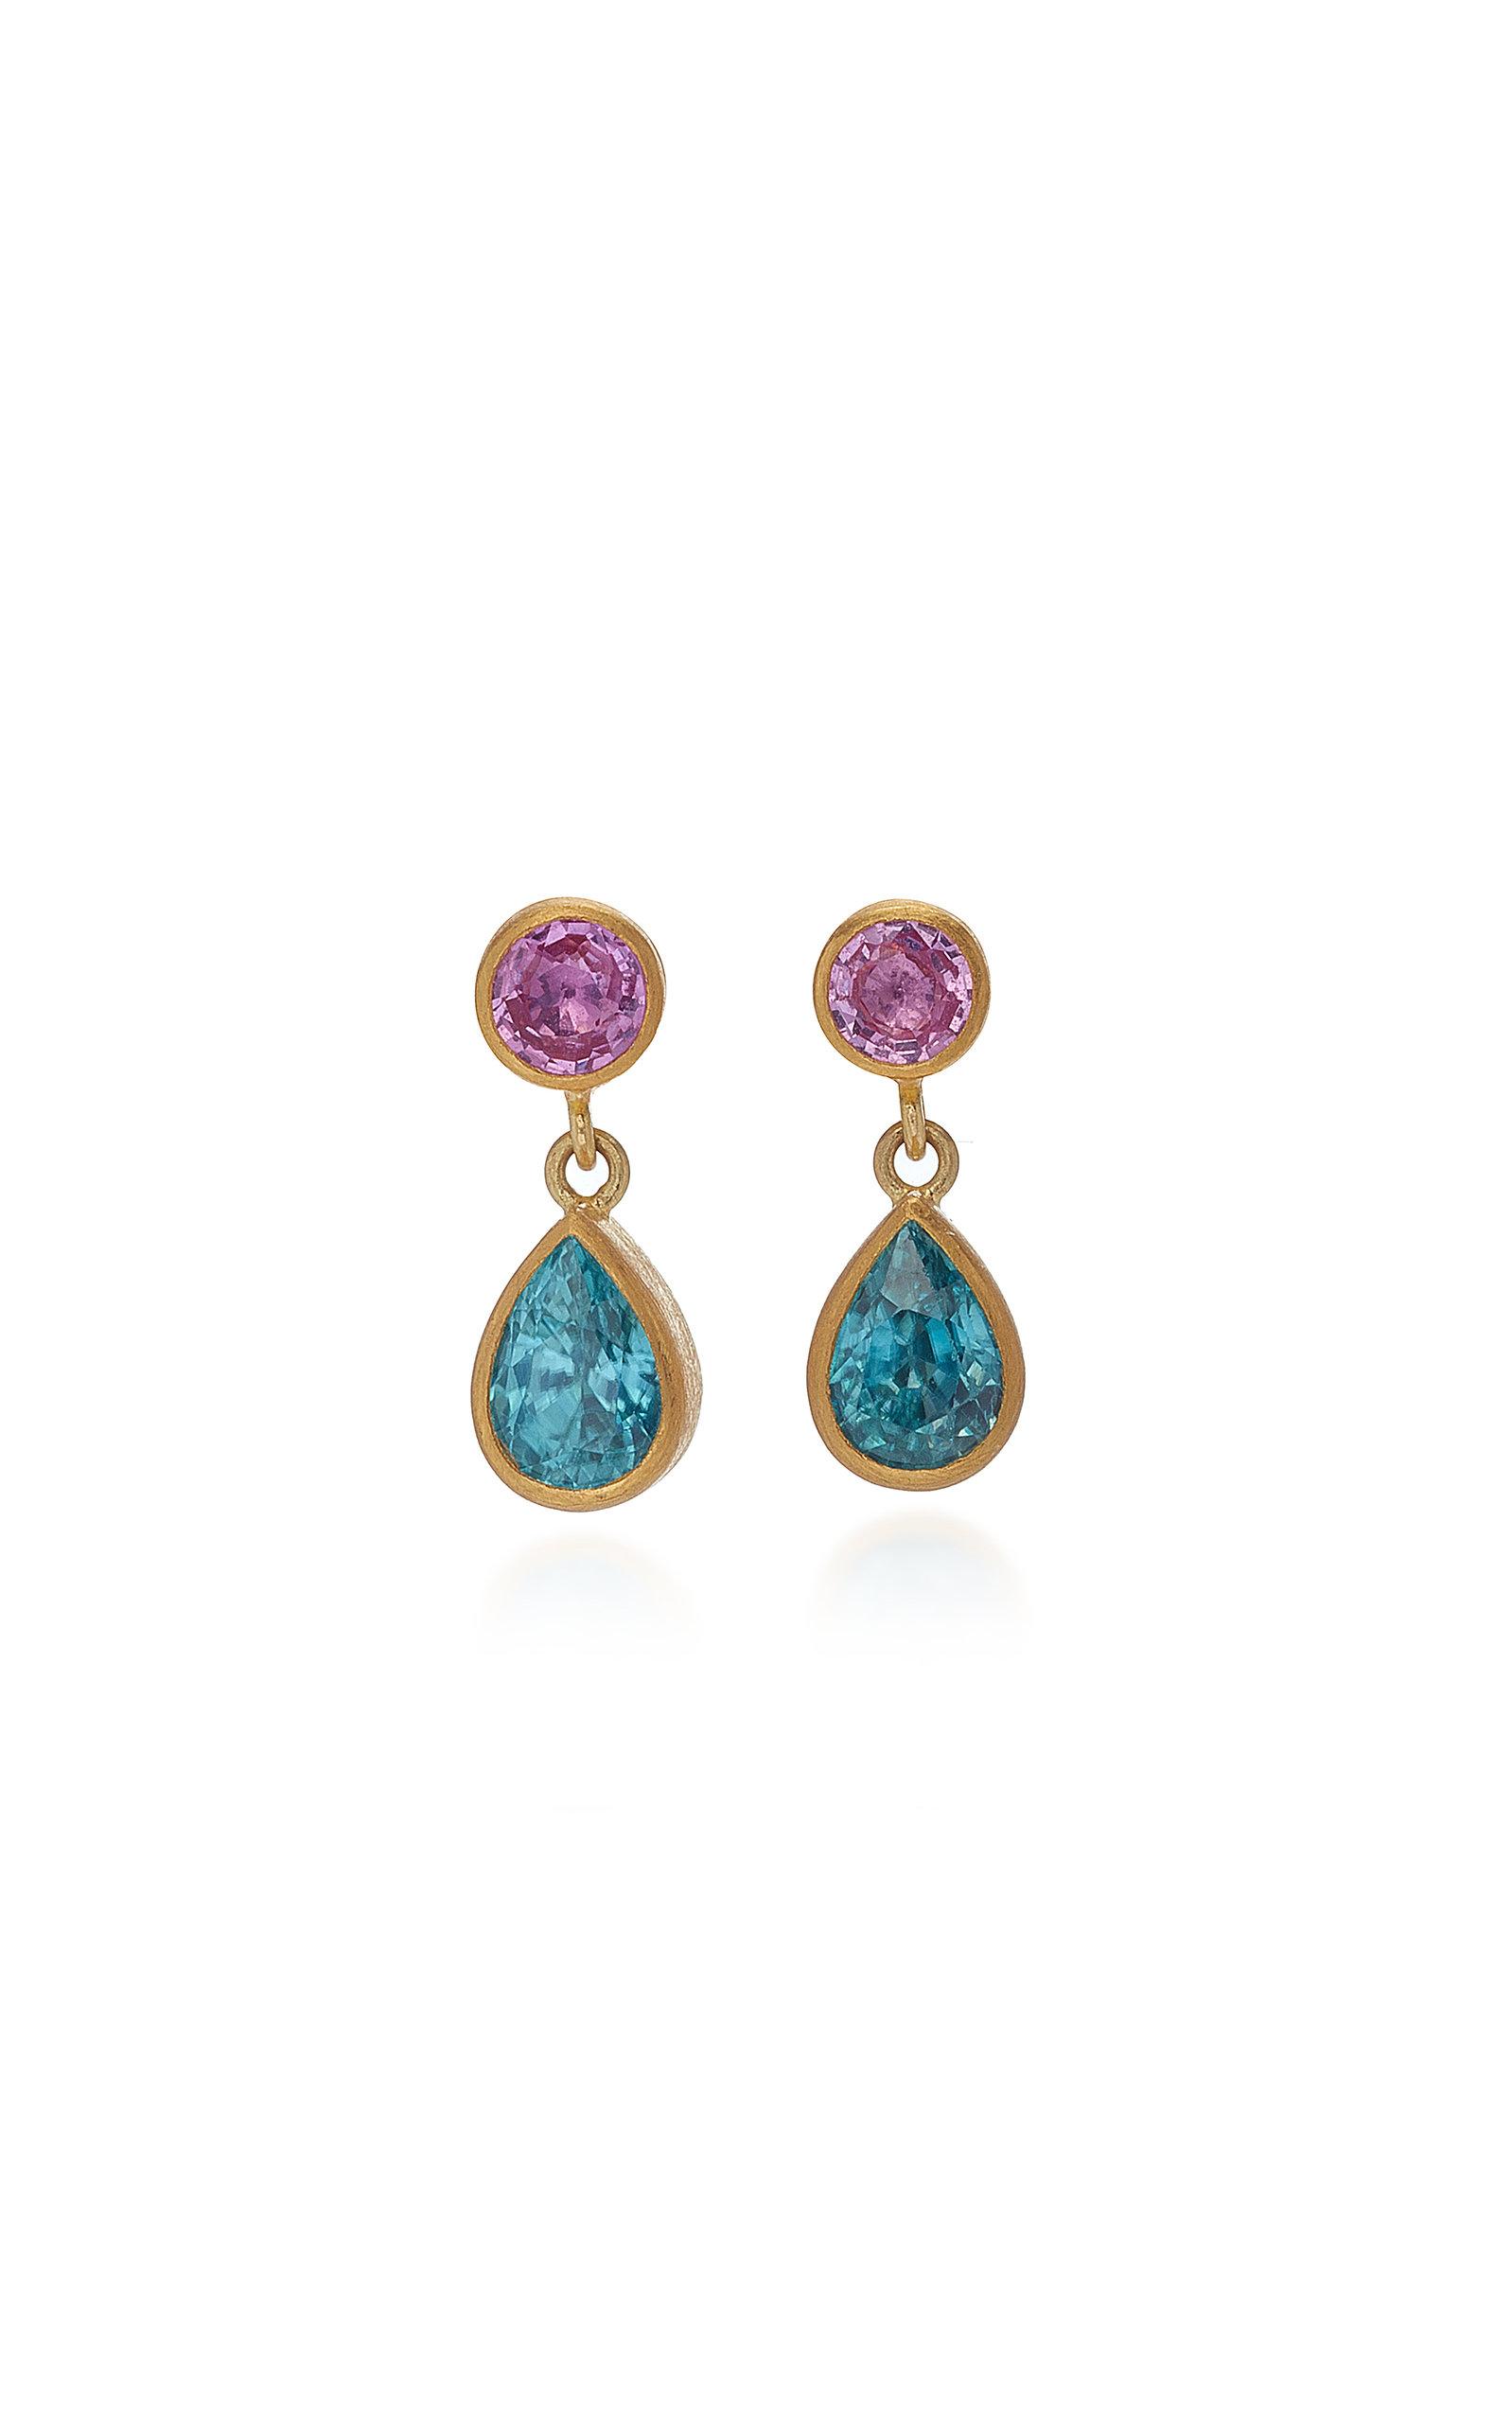 MALLARY MARKS Bon Bon 18K Gold Pink Sapphire And Zircon Earrings in Multi